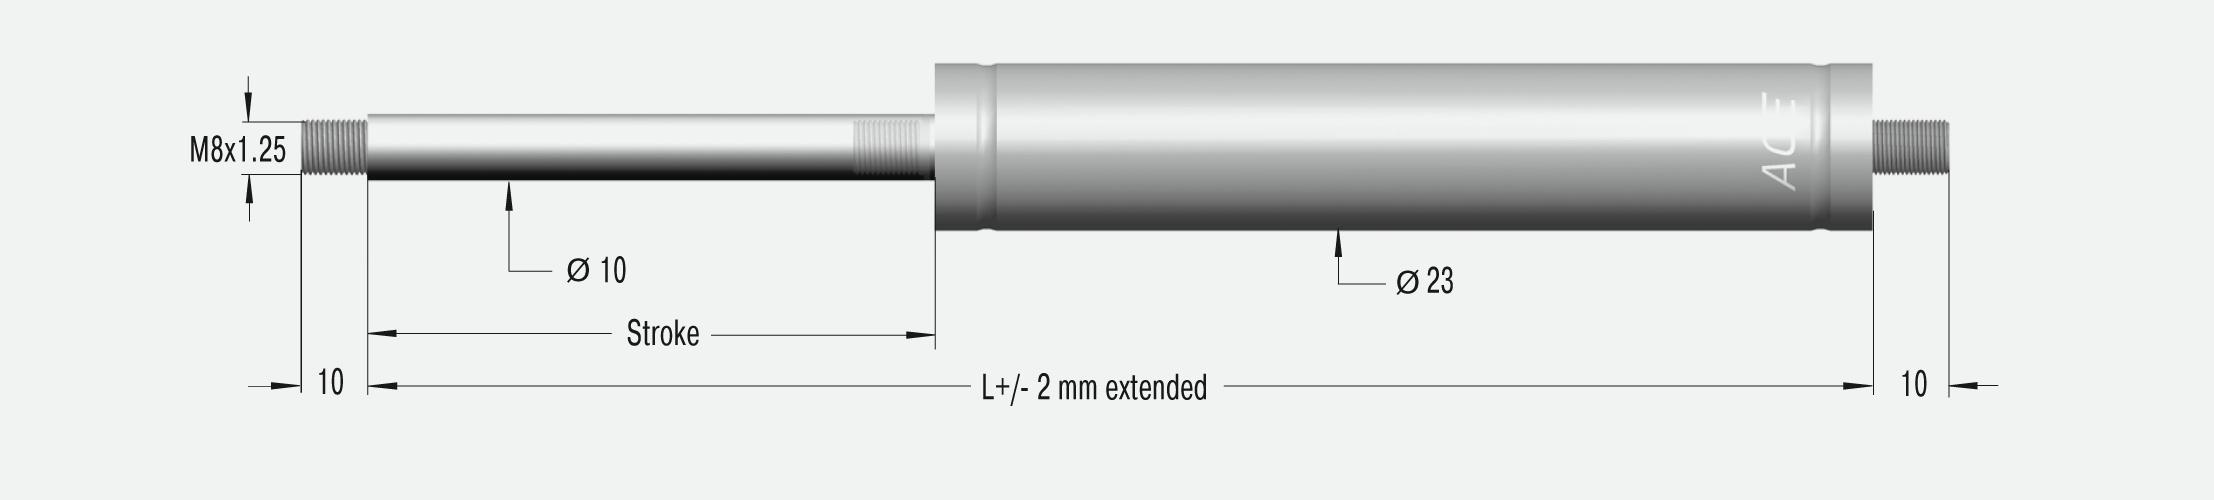 GS-22-650-VA